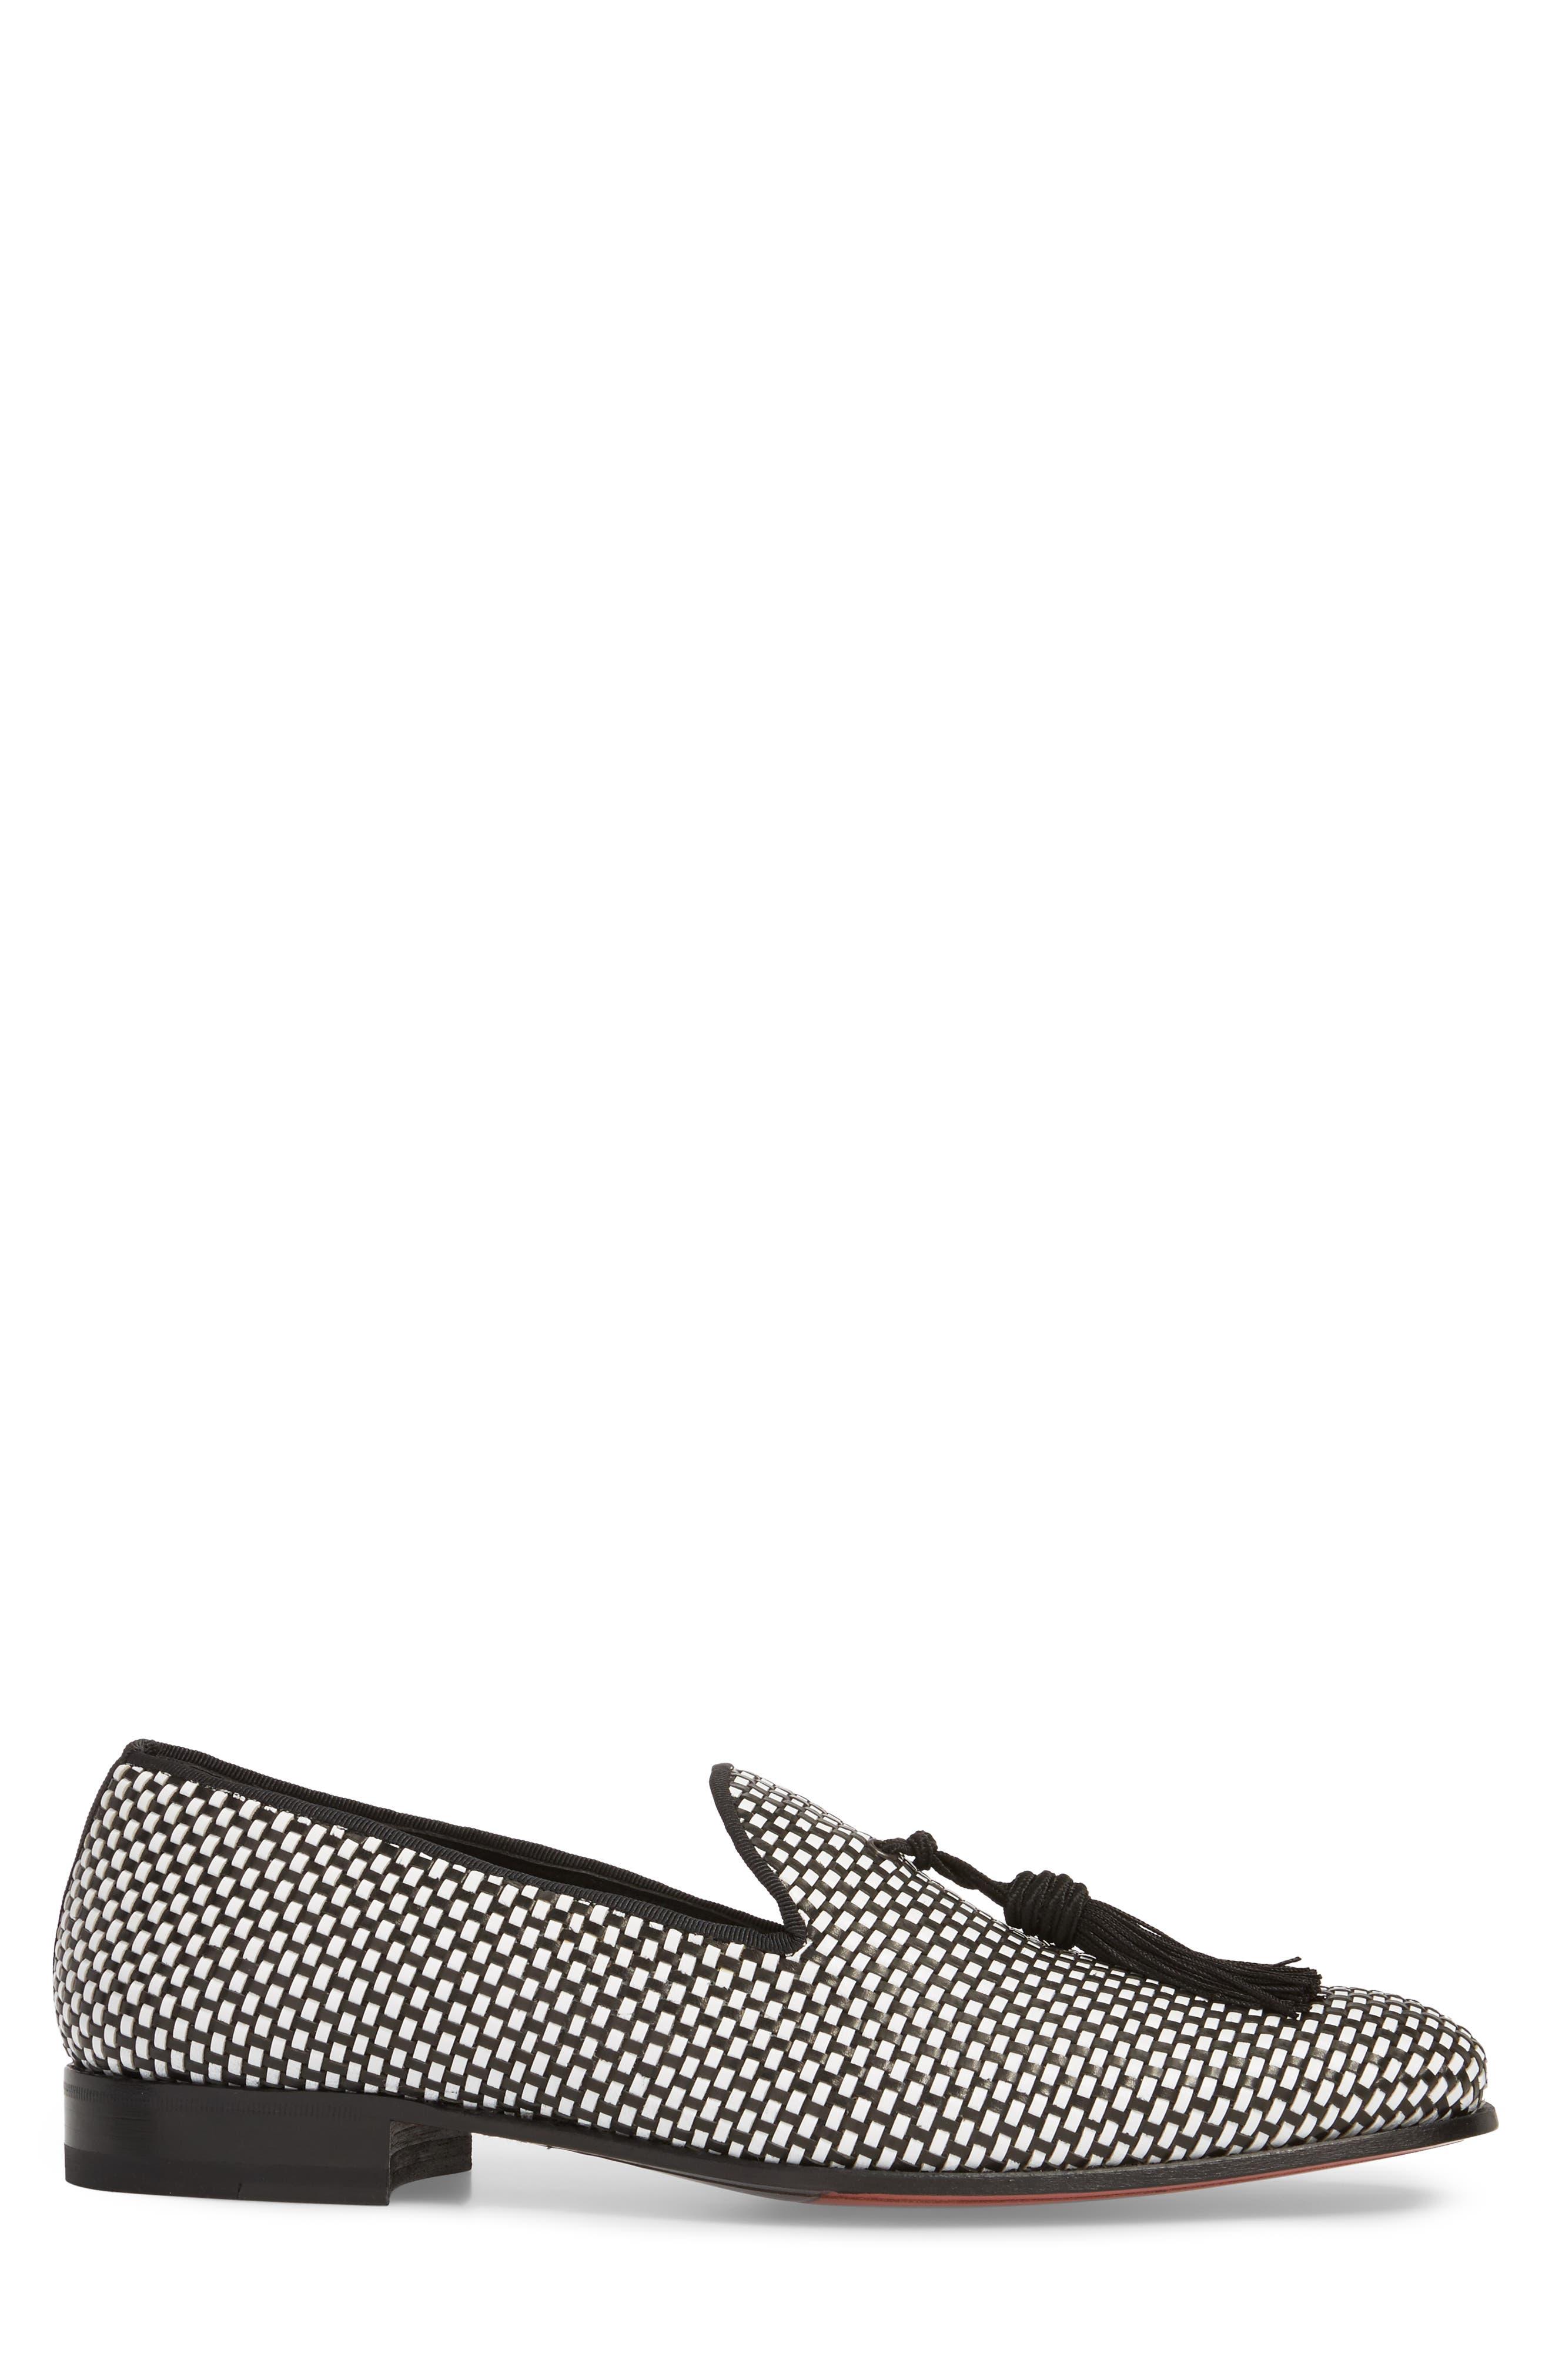 Egeo Tassel Loafer,                             Alternate thumbnail 3, color,                             Black/ White Leather